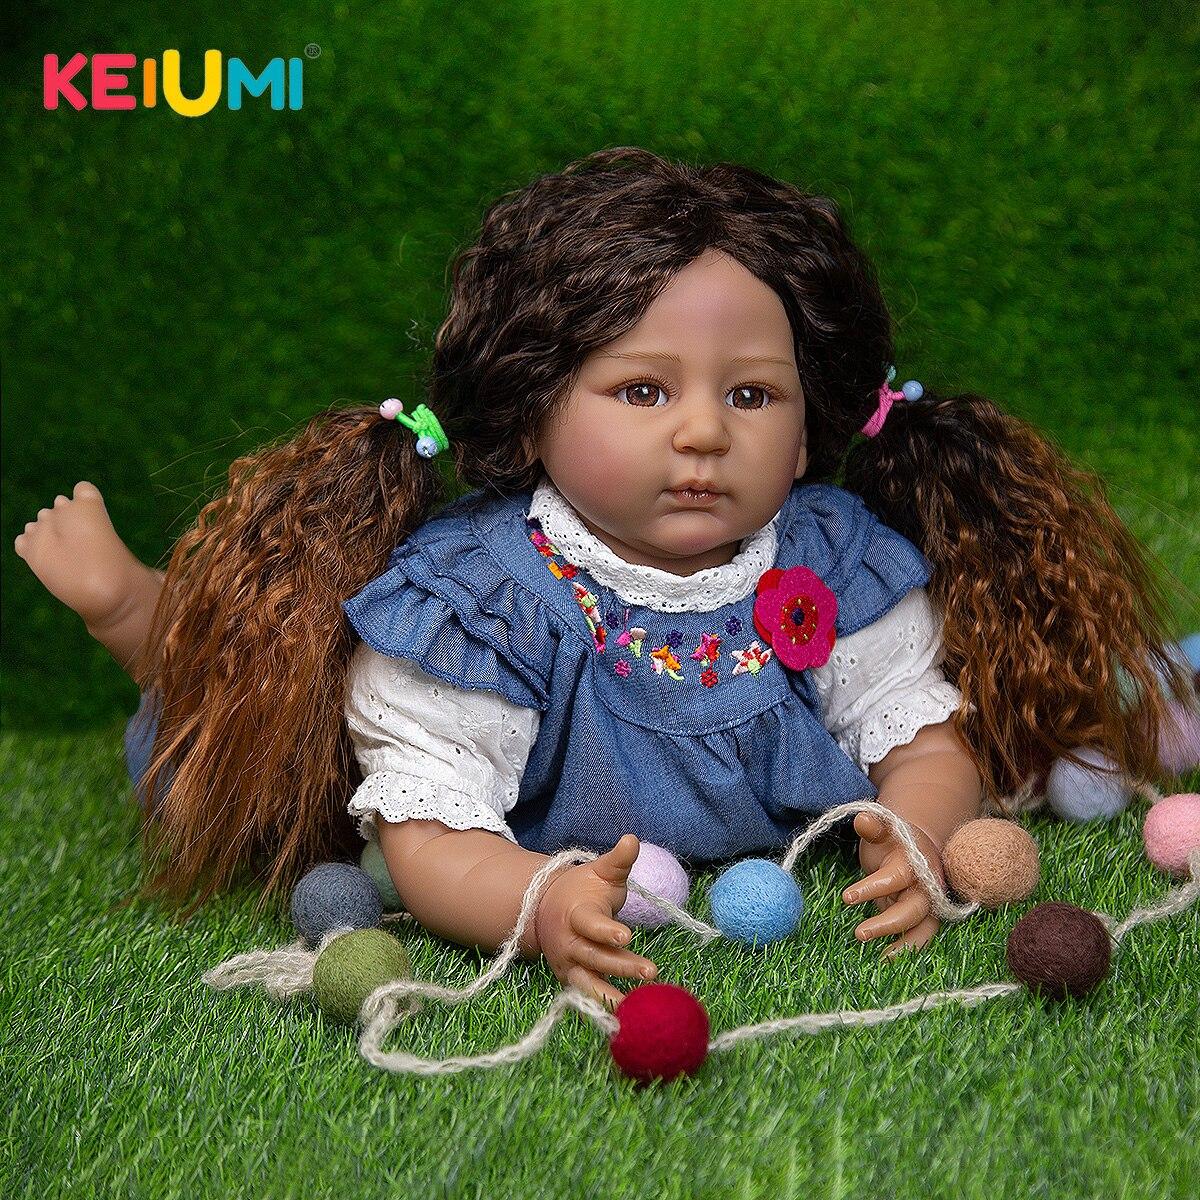 Realistische Reborn Baby Mädchen Kleinkind Puppen Schwarz Haut 55 CM Tuch Körper Silikon Babys Puppen Spielzeug Für Kinder Geburtstag Geschenke